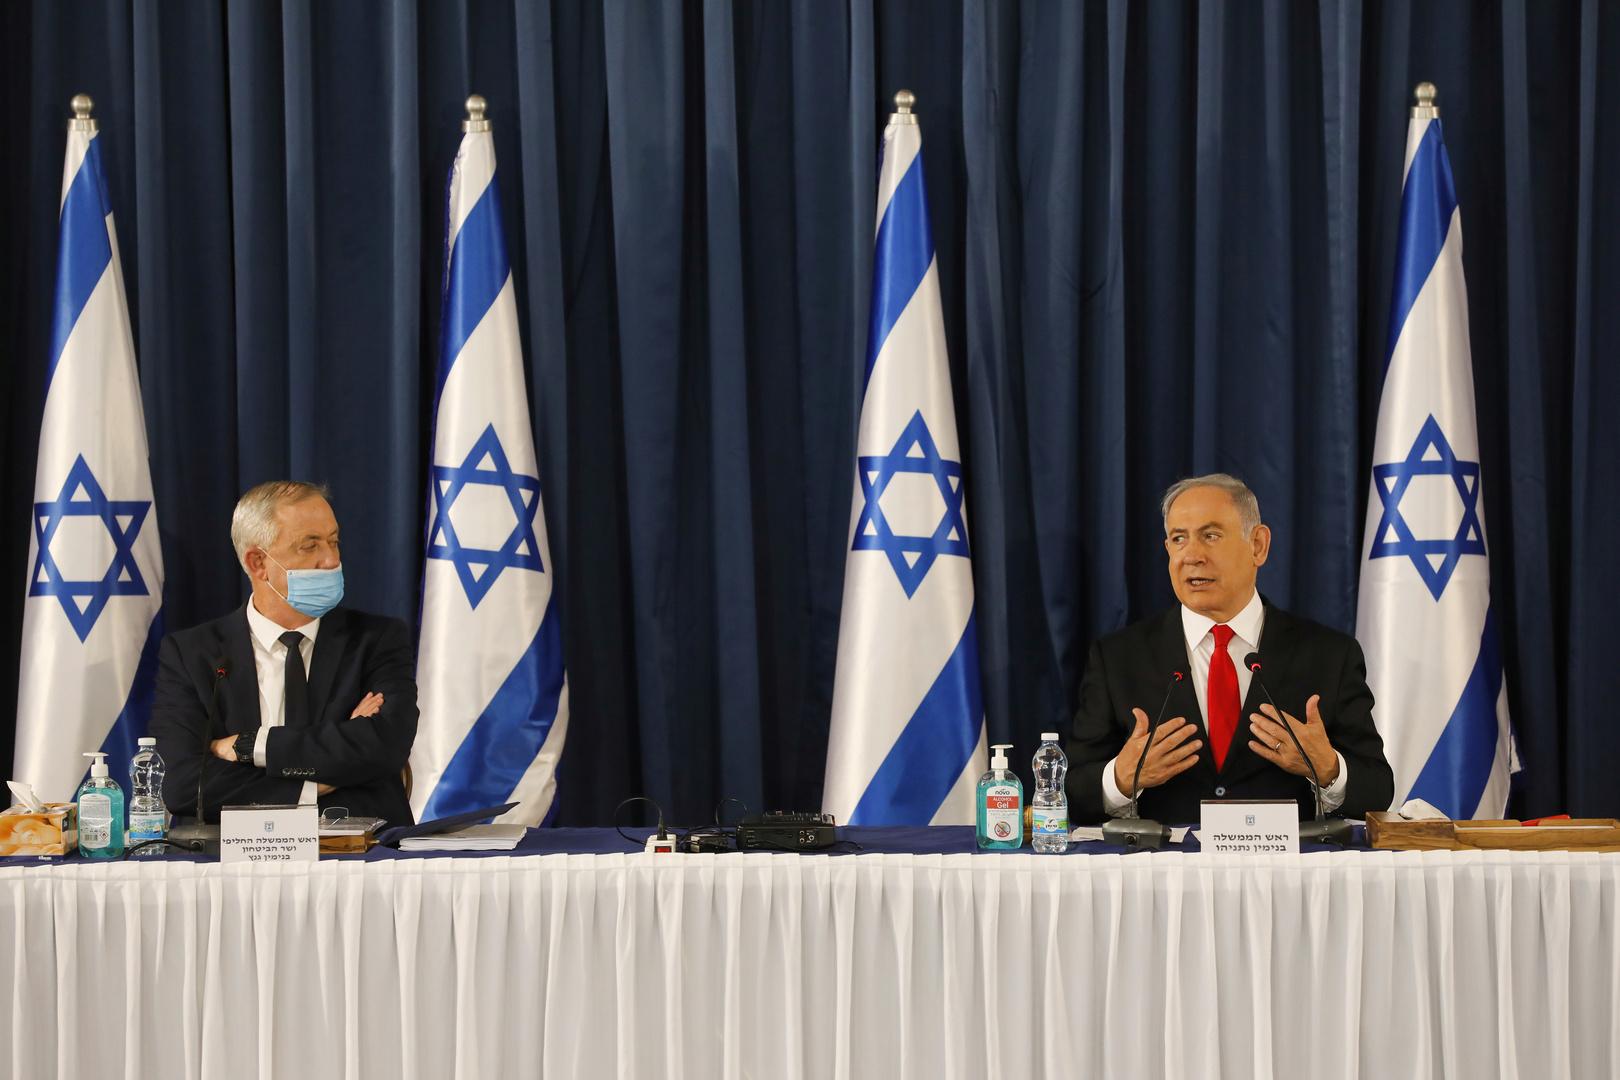 في آخر لحظة.. نتنياهو يجنب إسرائيل انتخابات جديدة